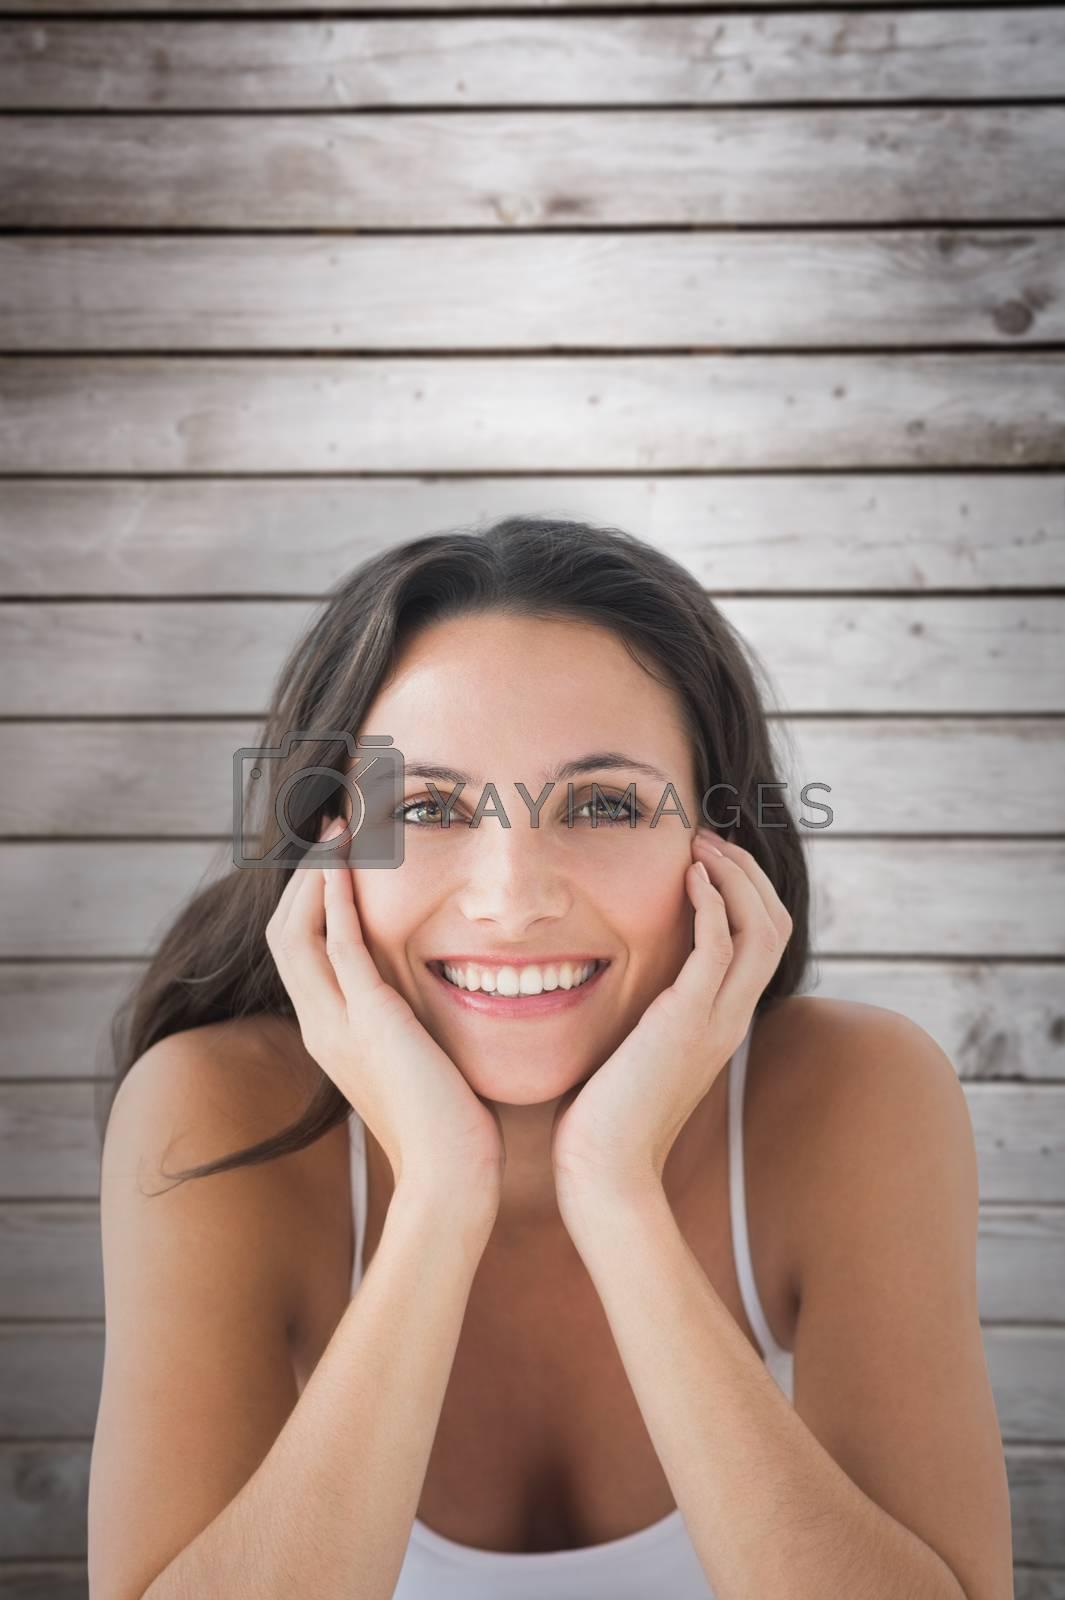 Smiling brunette against wooden planks